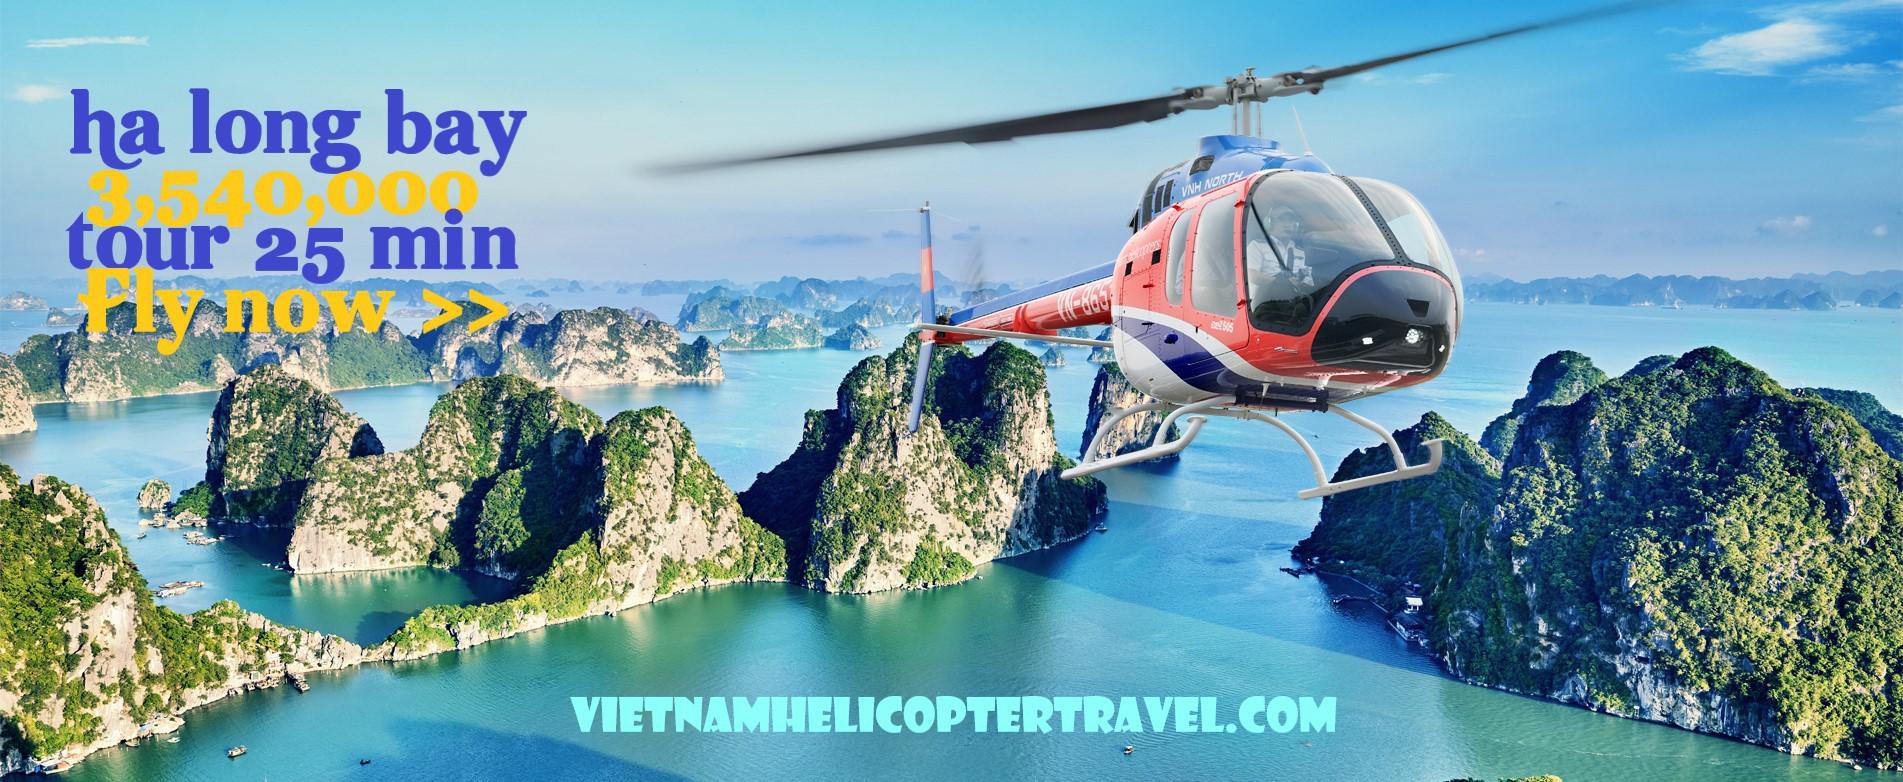 Tour du lịch Trực thăng ngắm Vịnh Hạ Long 25 phút